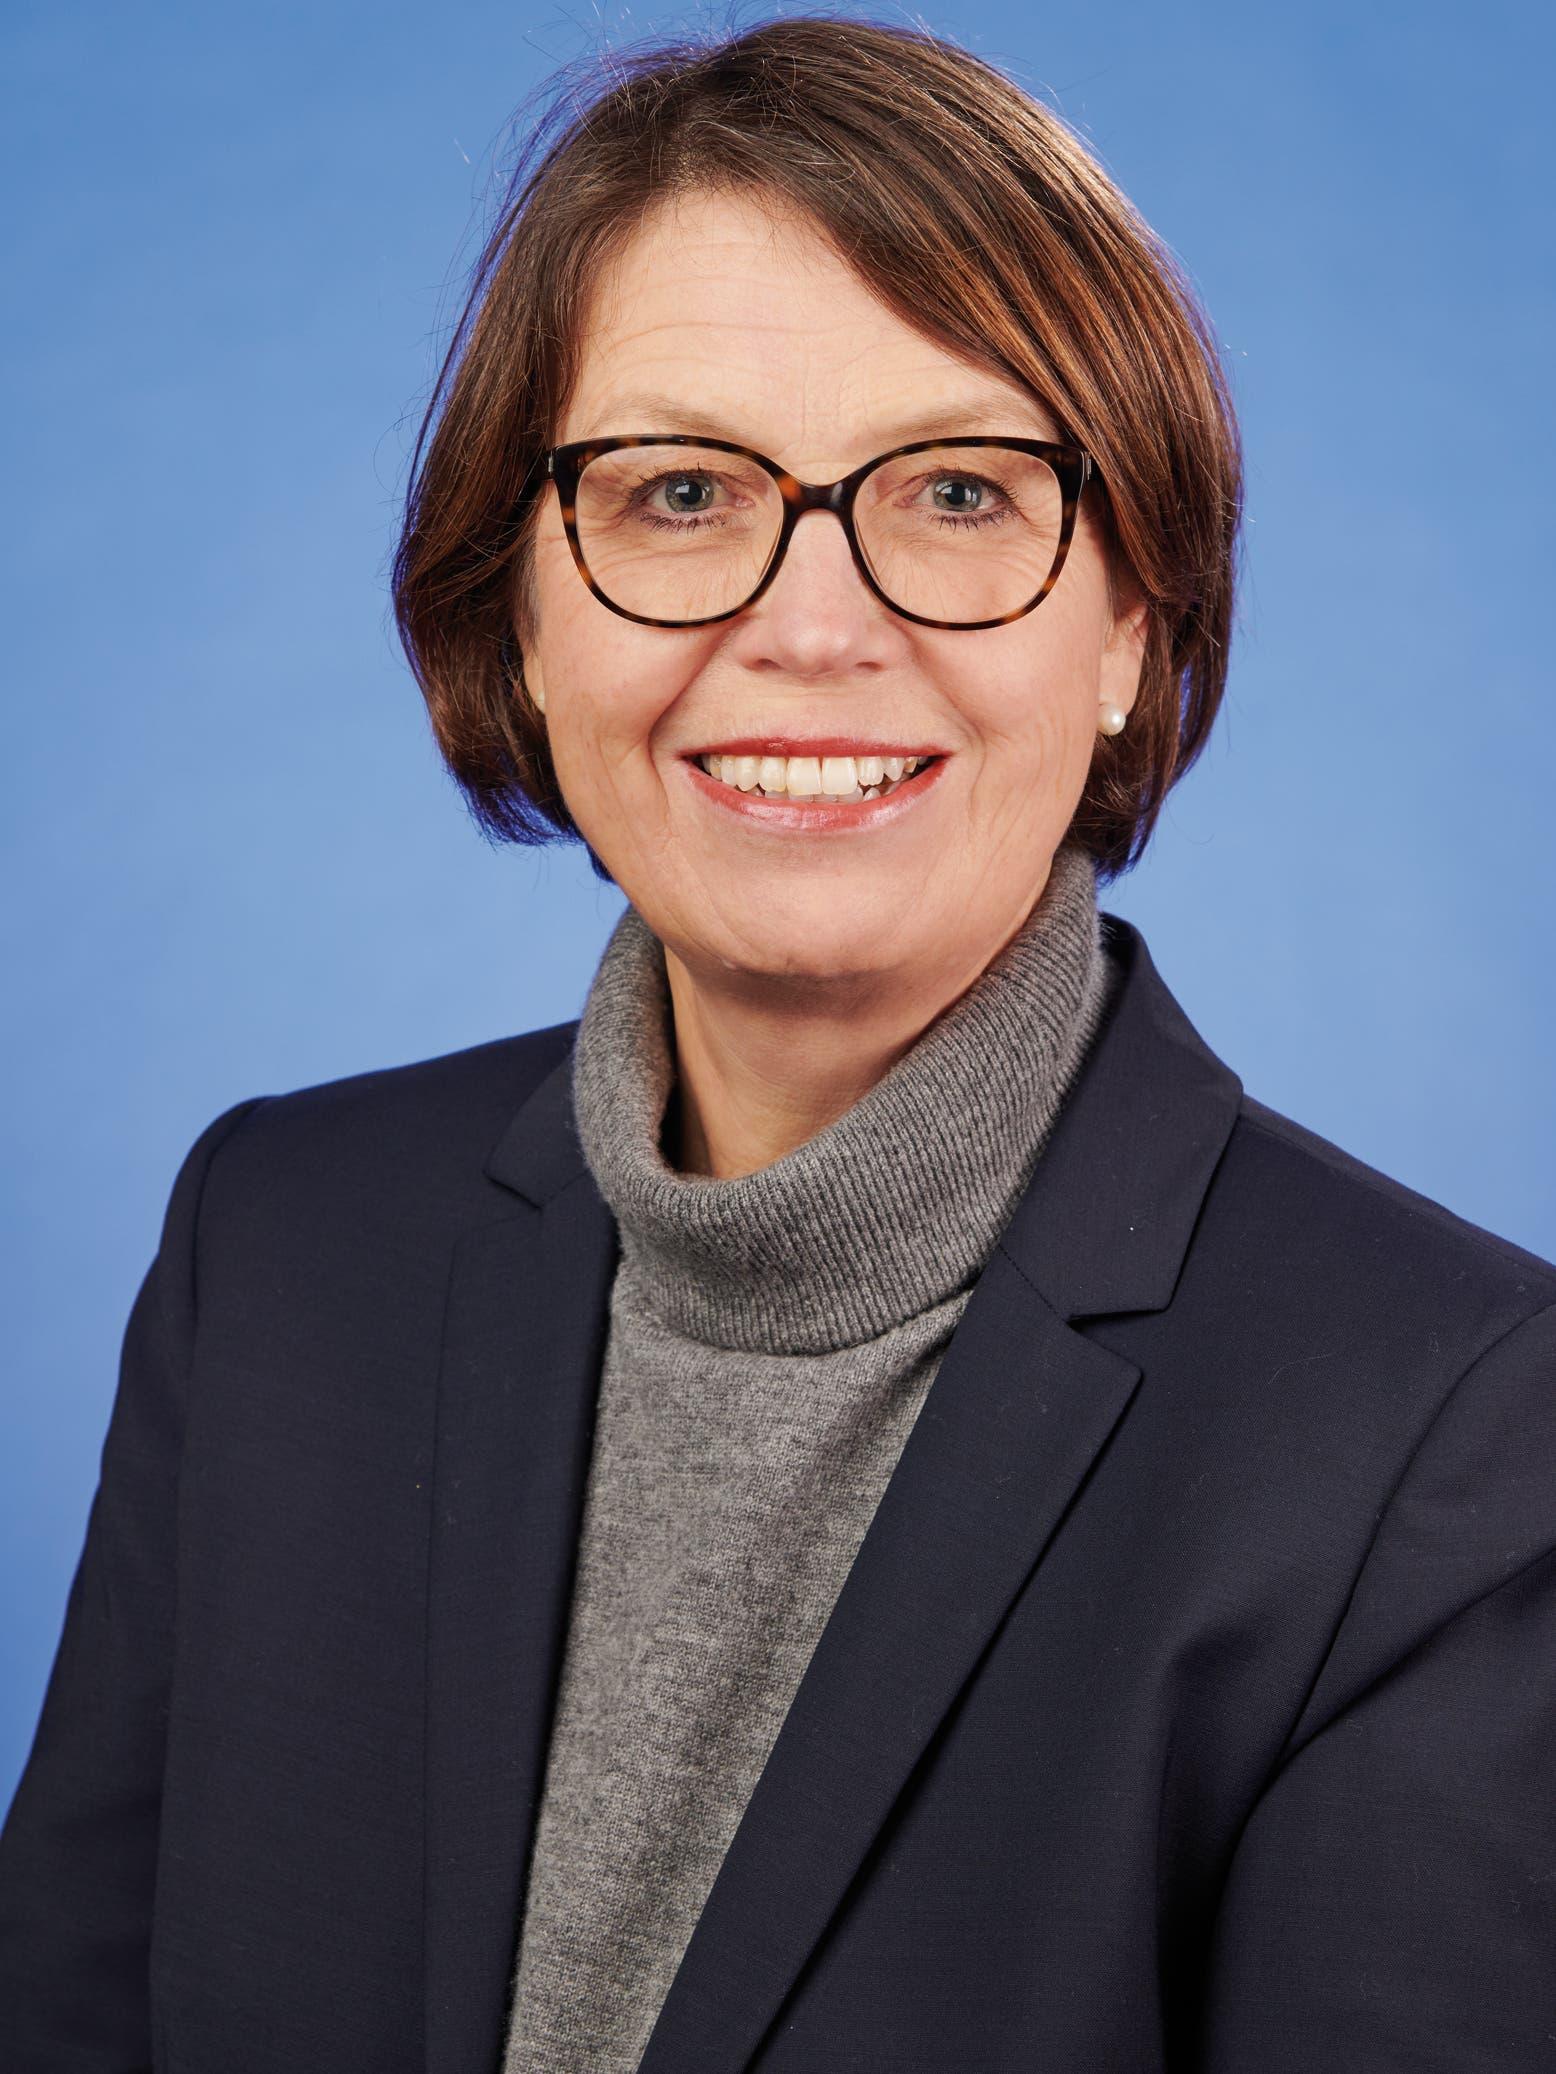 Jolanda Achermann Sen, SP (bisher)